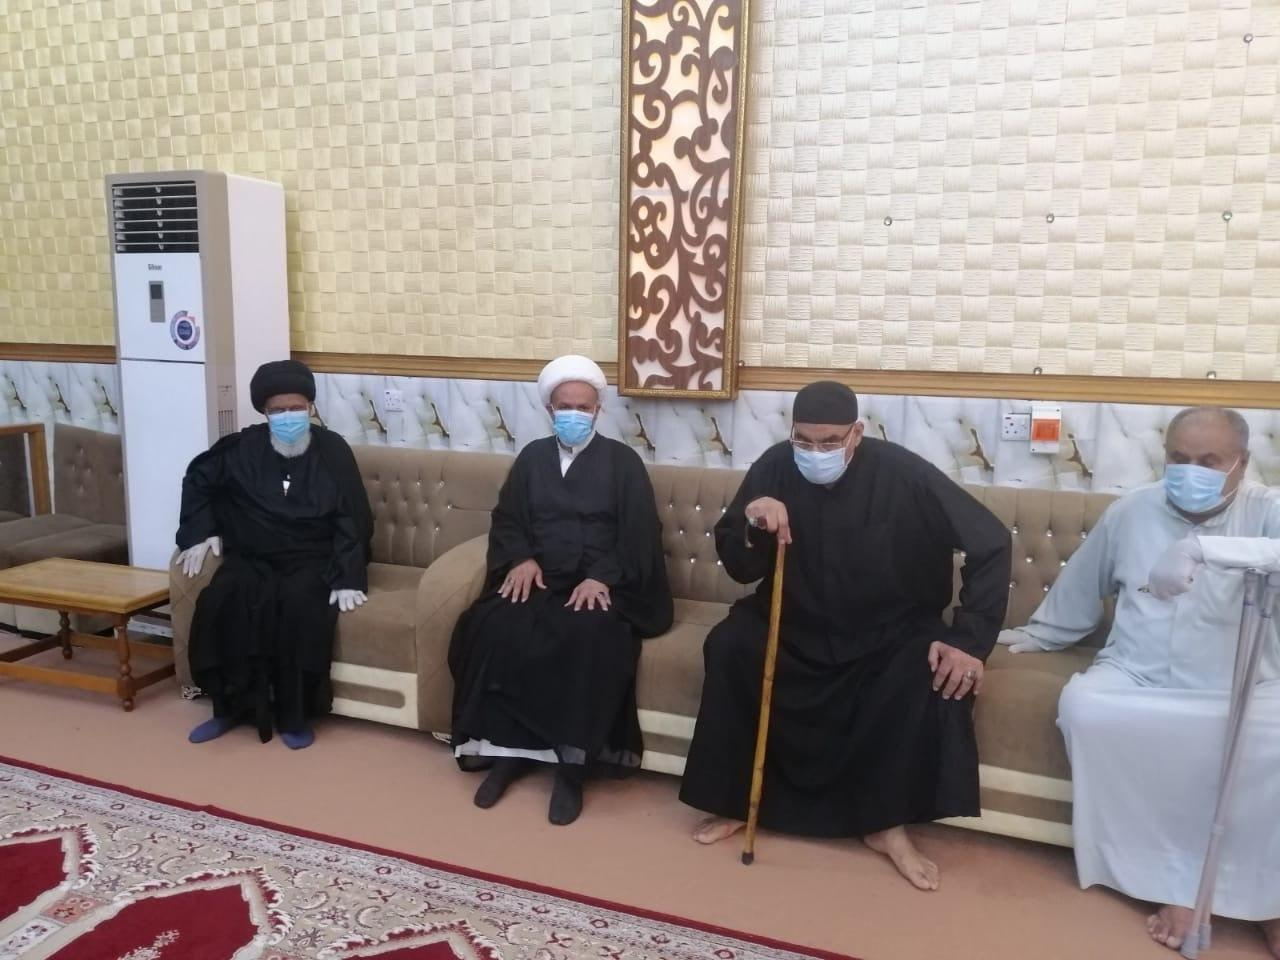 صورة مكتب المرجع الشيرازي يقيم مجالس العزاء الحسيني في محافظة البصرة